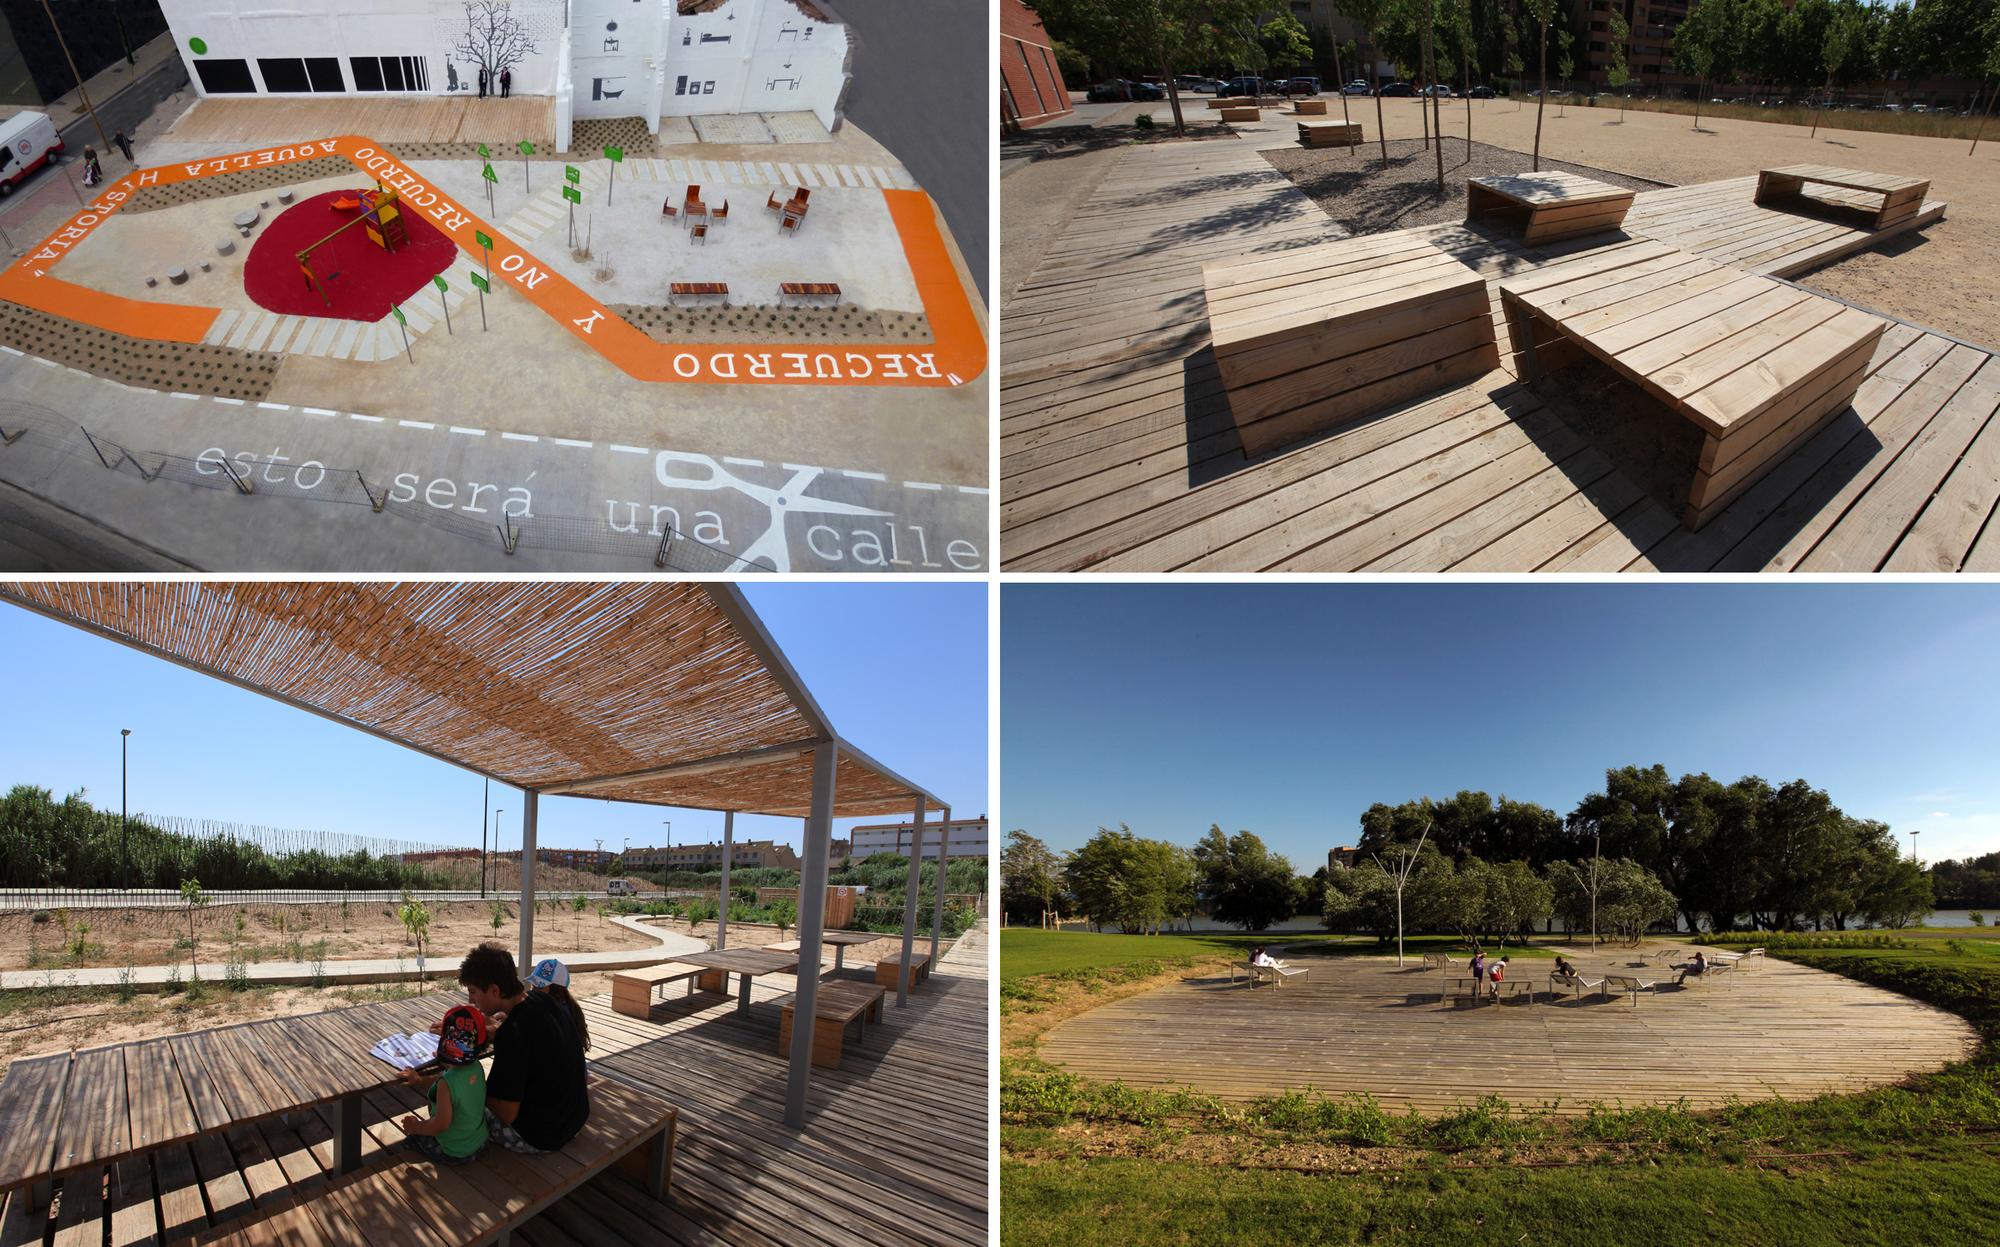 """""""Esto no es un Solar"""": Reconvirtiendo parcelas vacías en espacio público [Parte I], Courtesy of Esto no es un Solar"""